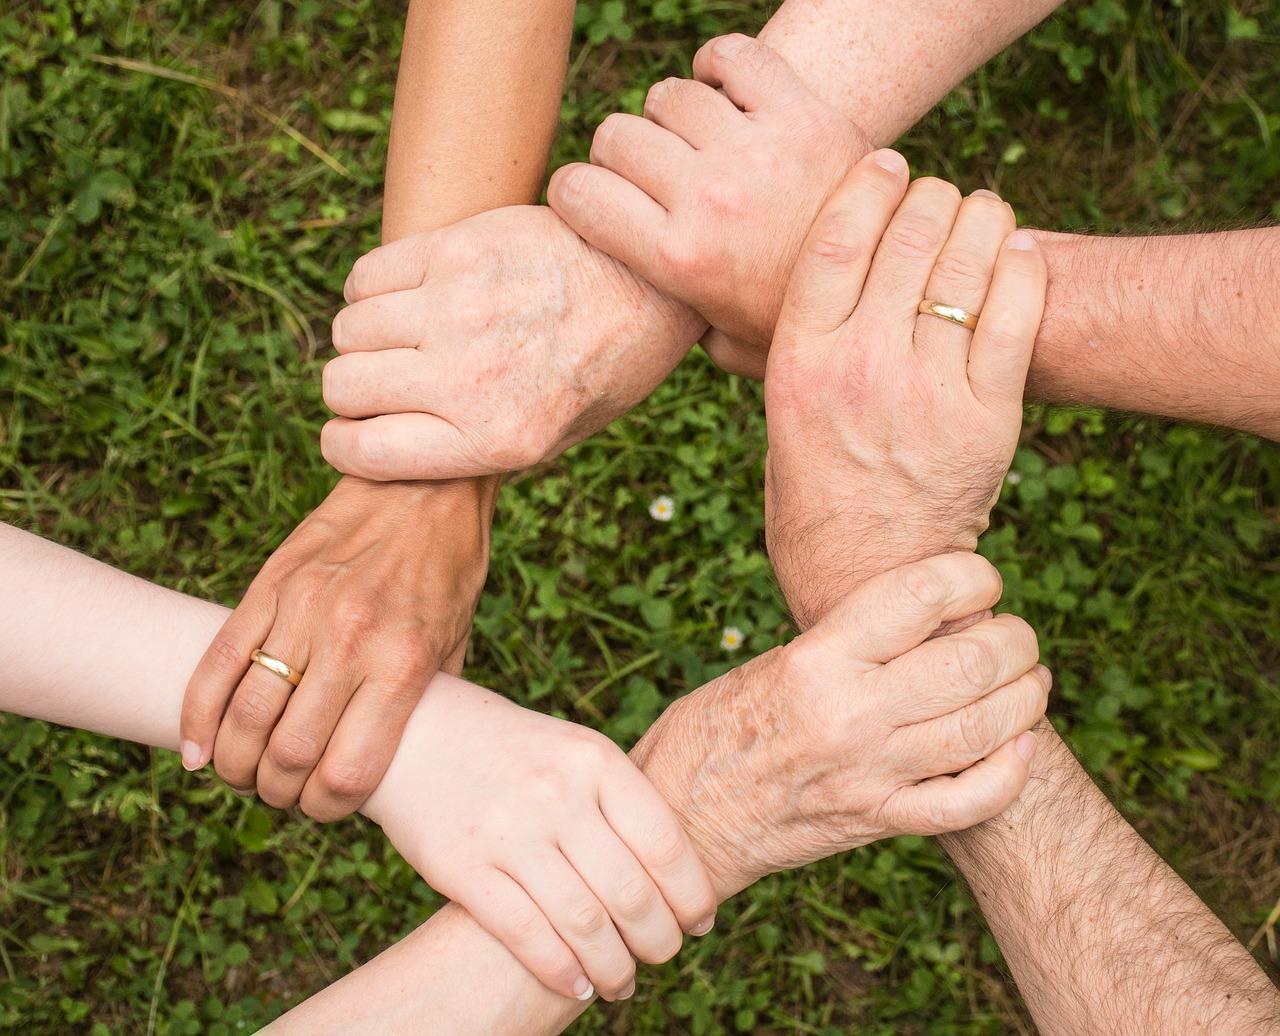 Come-Curare-Igiene-Personale-di-un-Anziano-Non-Autosufficiente-in-Casa Come curare l'igiene personale di un anziano non autosufficiente